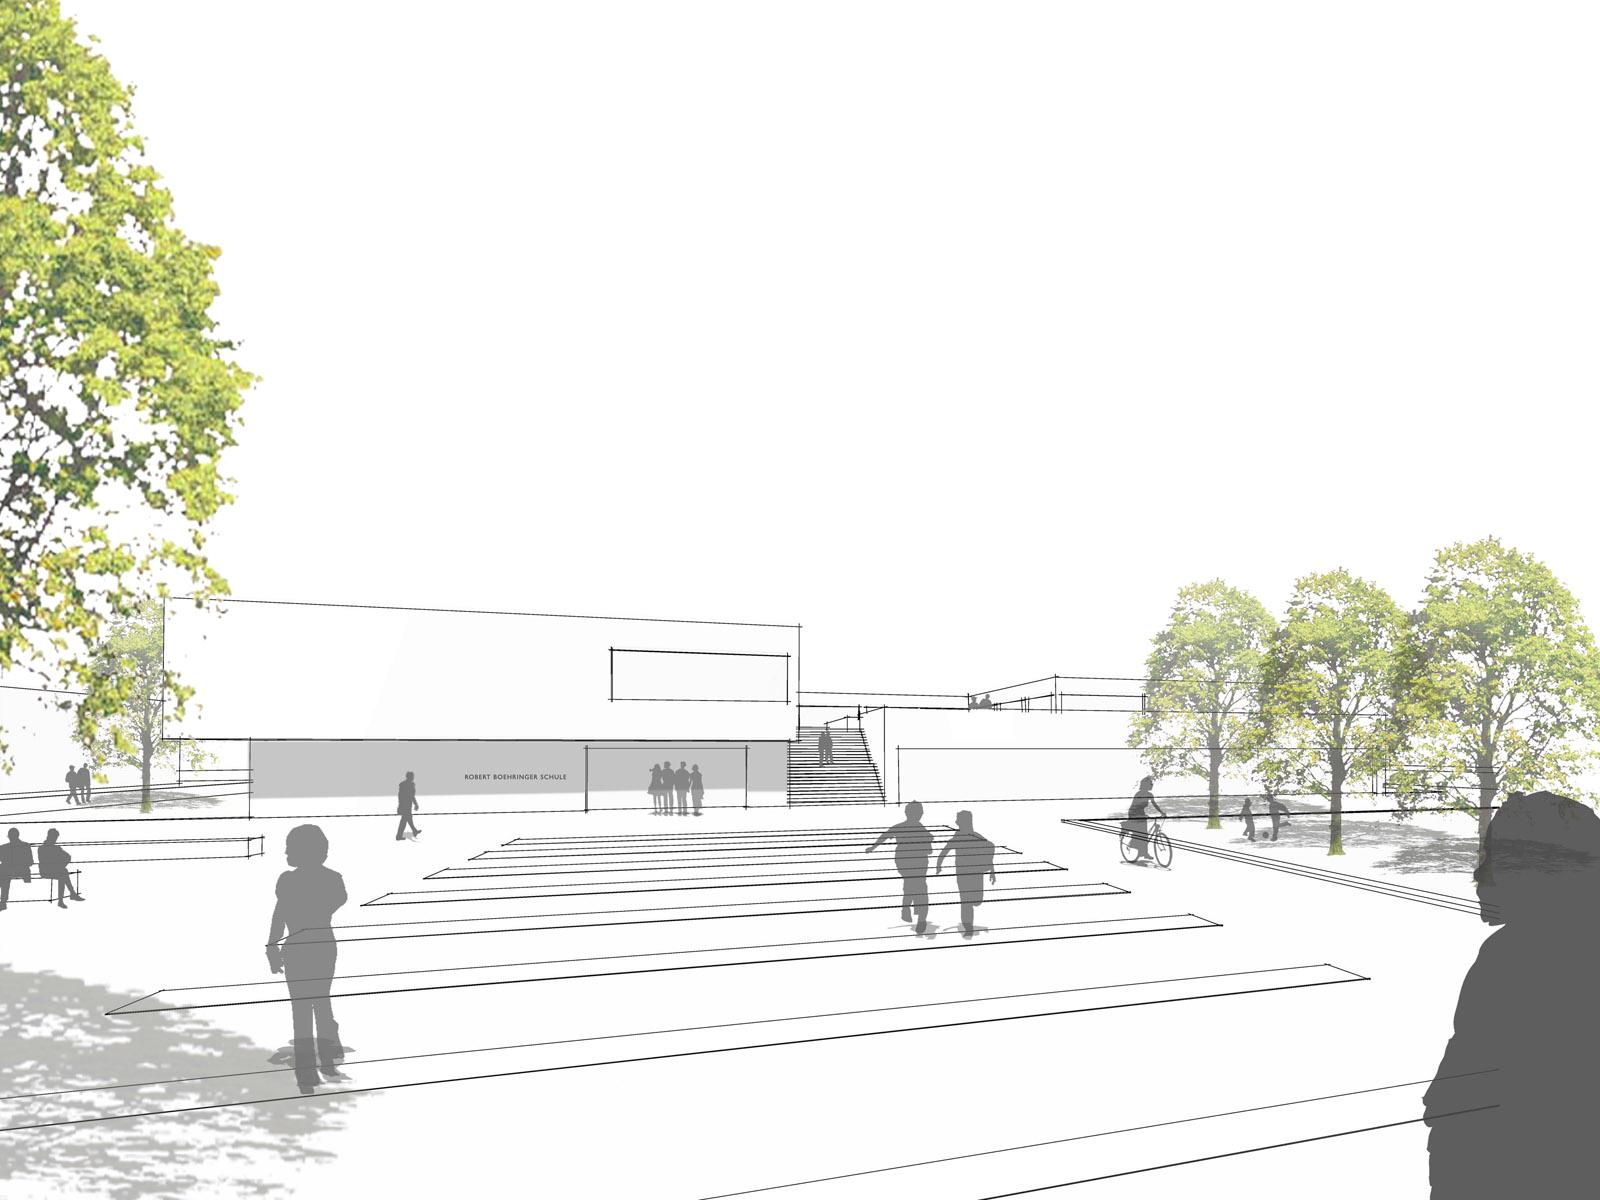 Perspektive-Schulhof_Neubau Robert-Boehringer-Gemeinschaftsschule-Winnenden-1.Preis-Wettbewerb.2015_© Friedrich-Poerschke-Zwink-Architekten